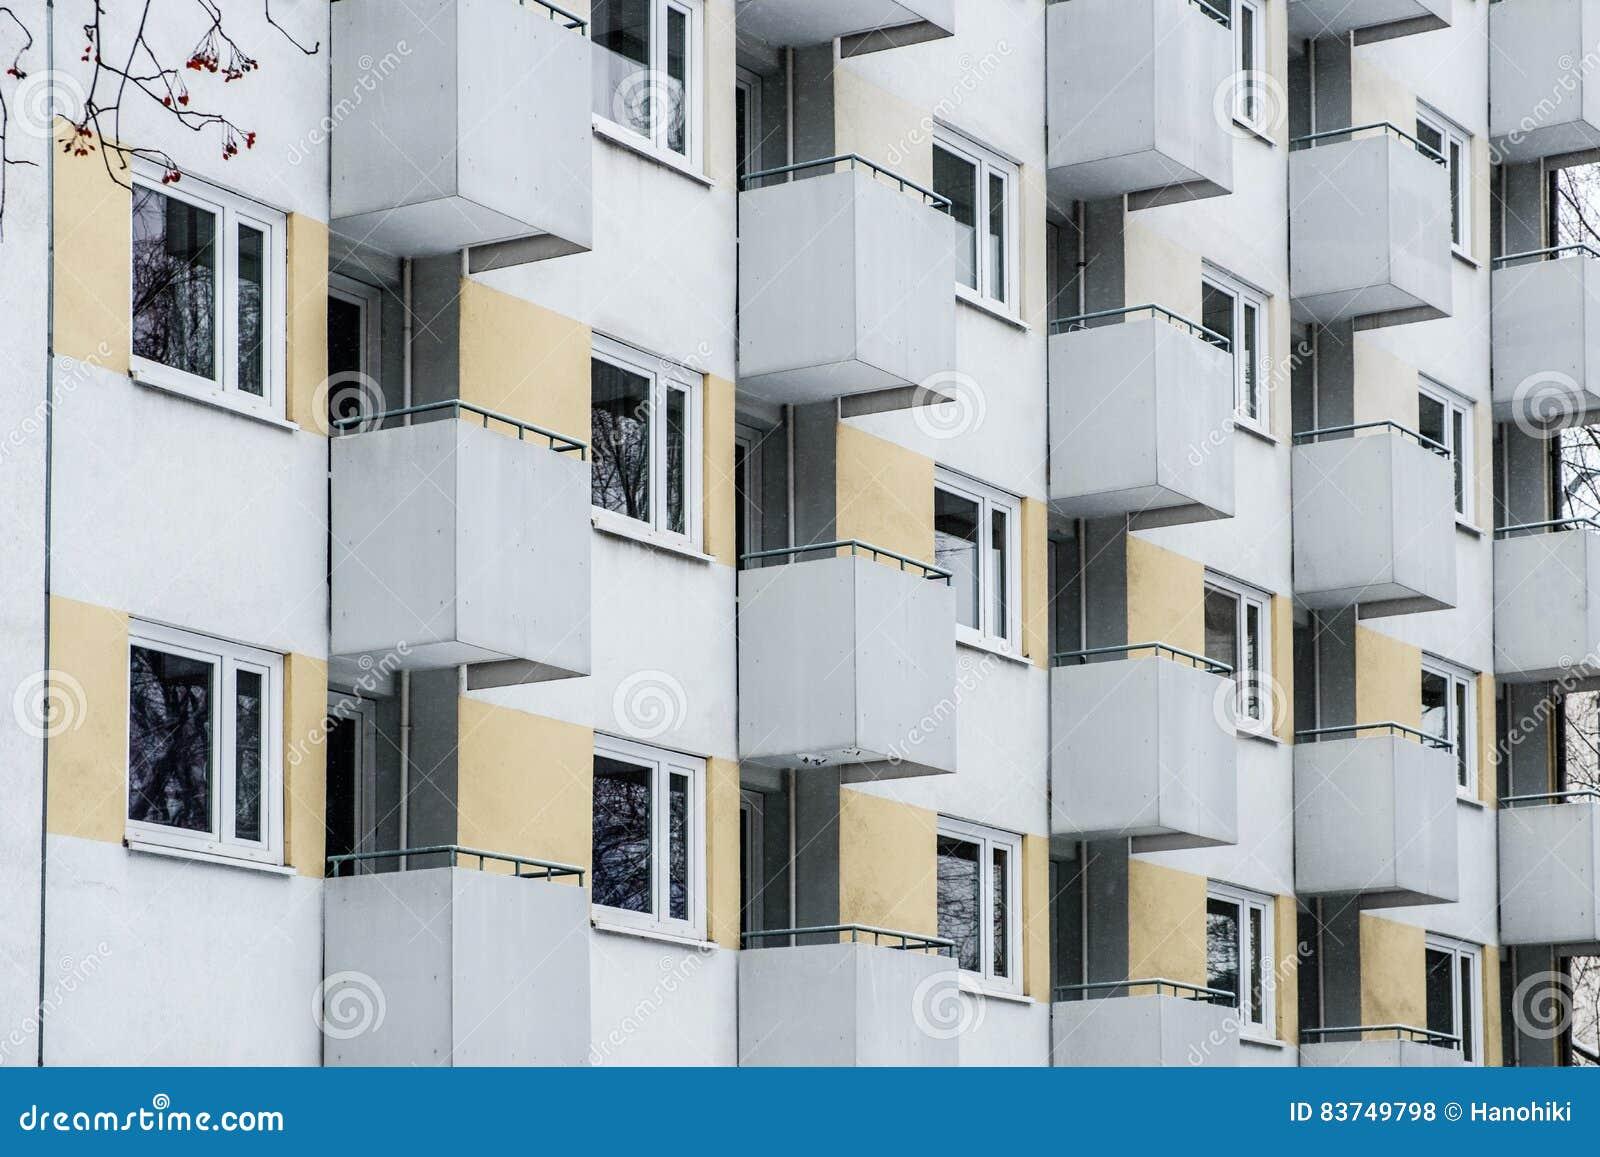 Fa ade de b timent fen tre et mod le de balcon photo stock image 83749798 - Modele fenetre maison ...